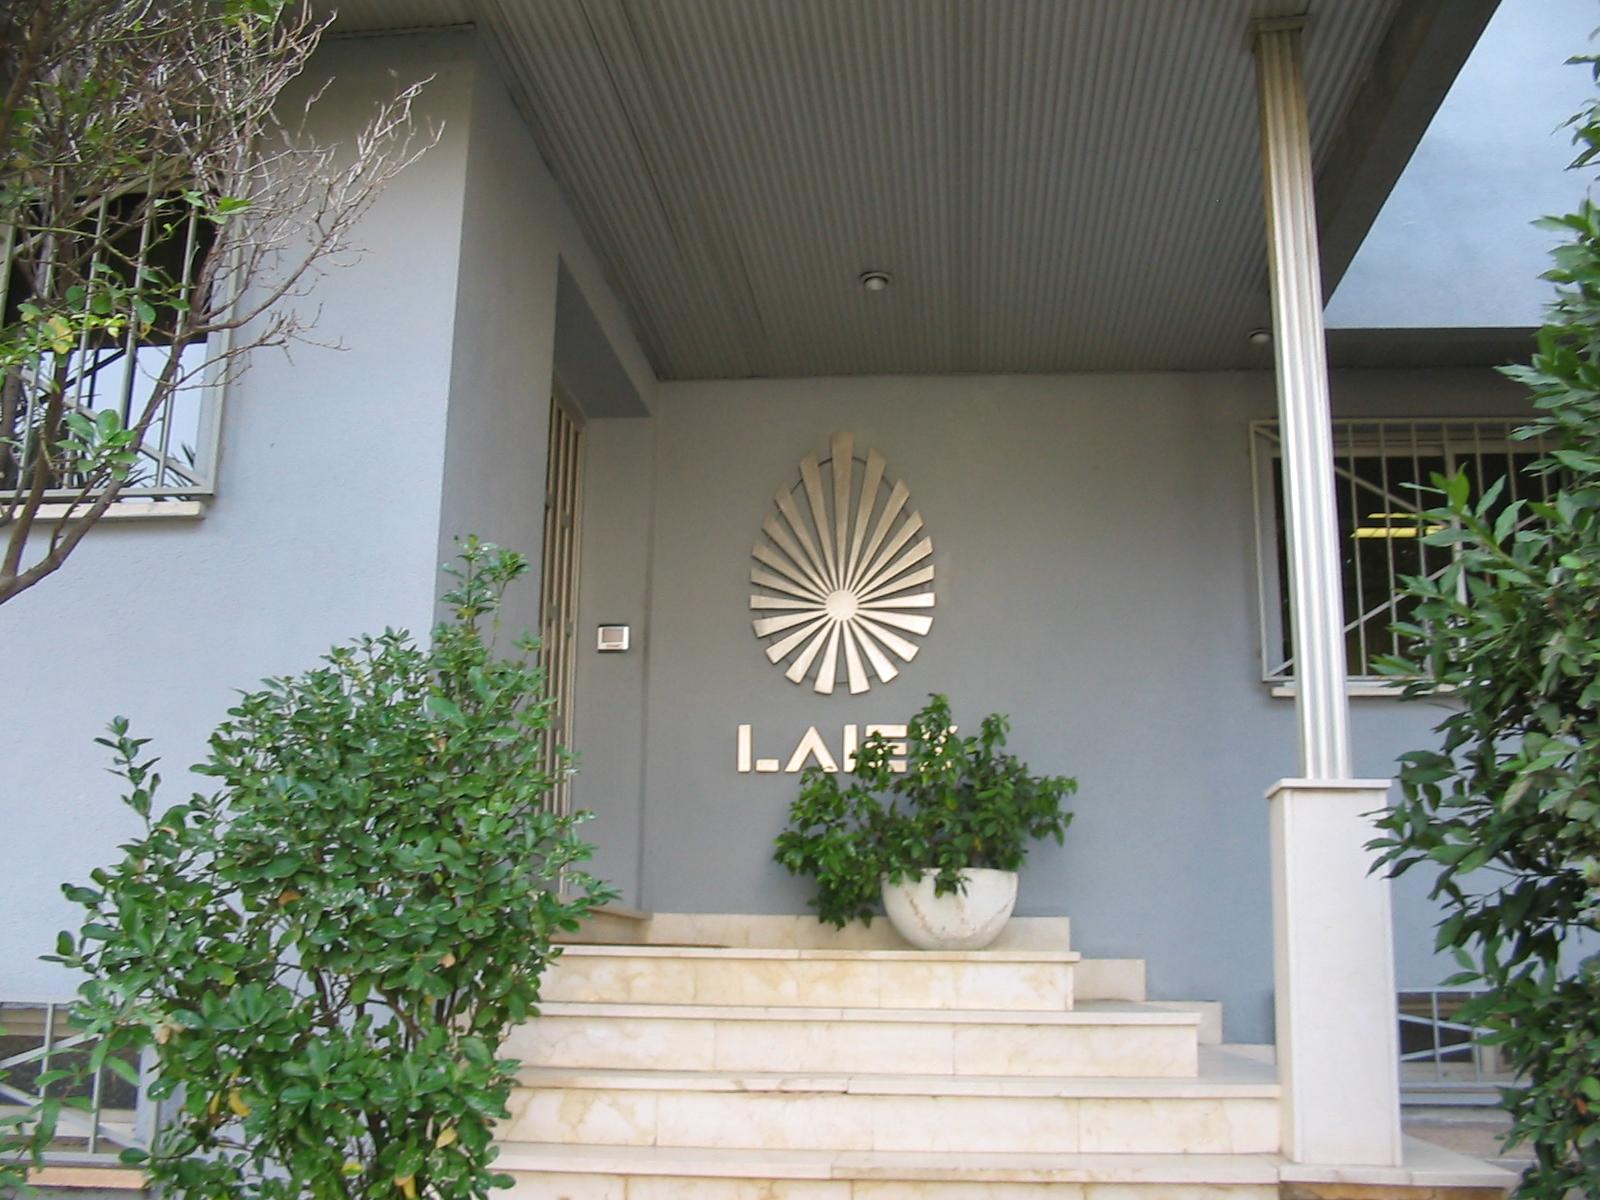 instalcaciones-laiex1